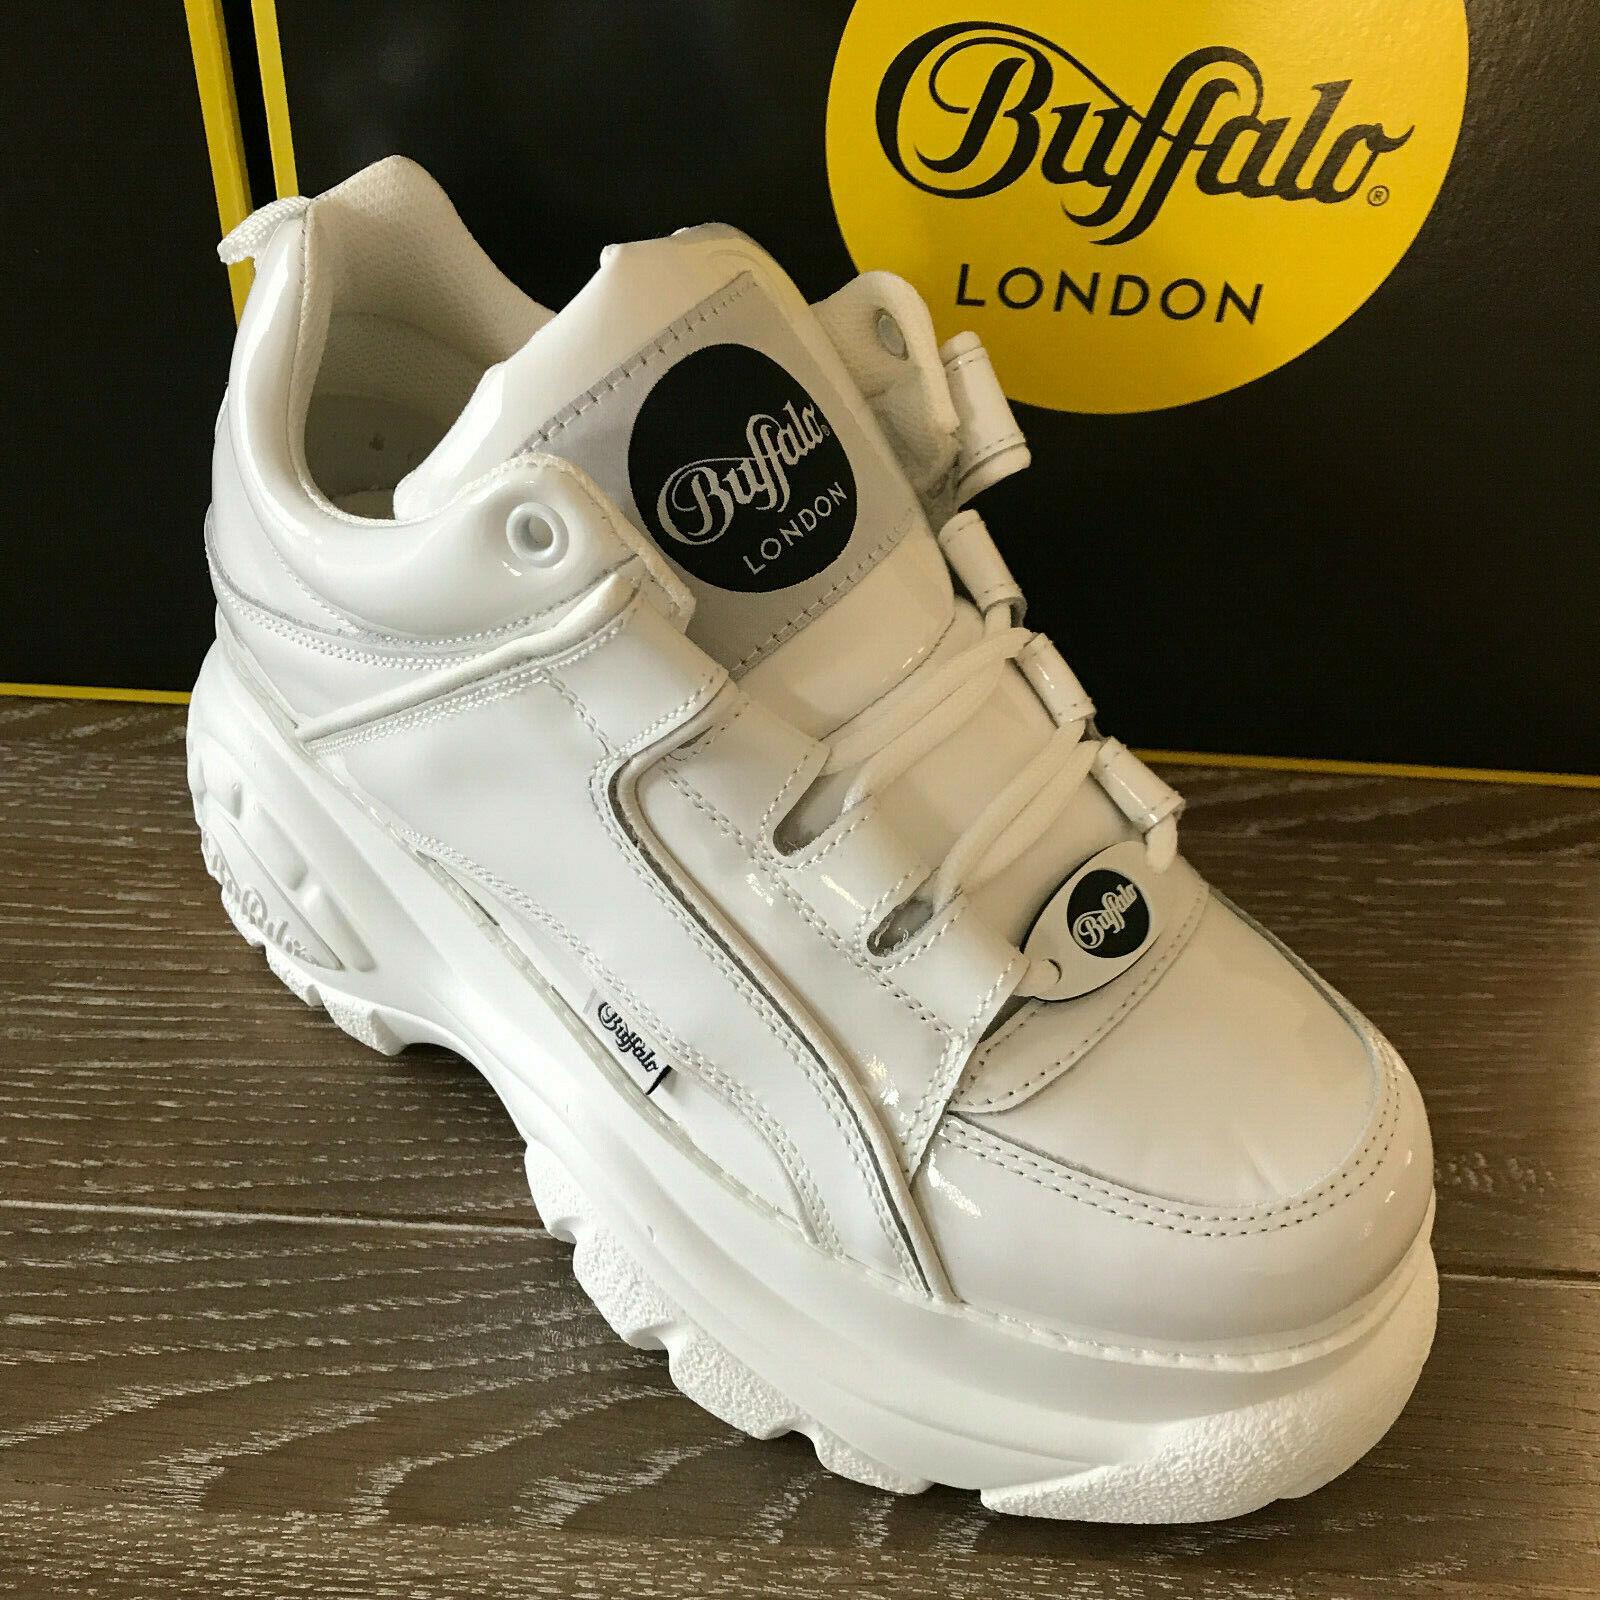 Buffalo London 1339-14 2.0 Weiß weiss charol glanz glanz glanz - NEU - grössen 36 bis 42  899249